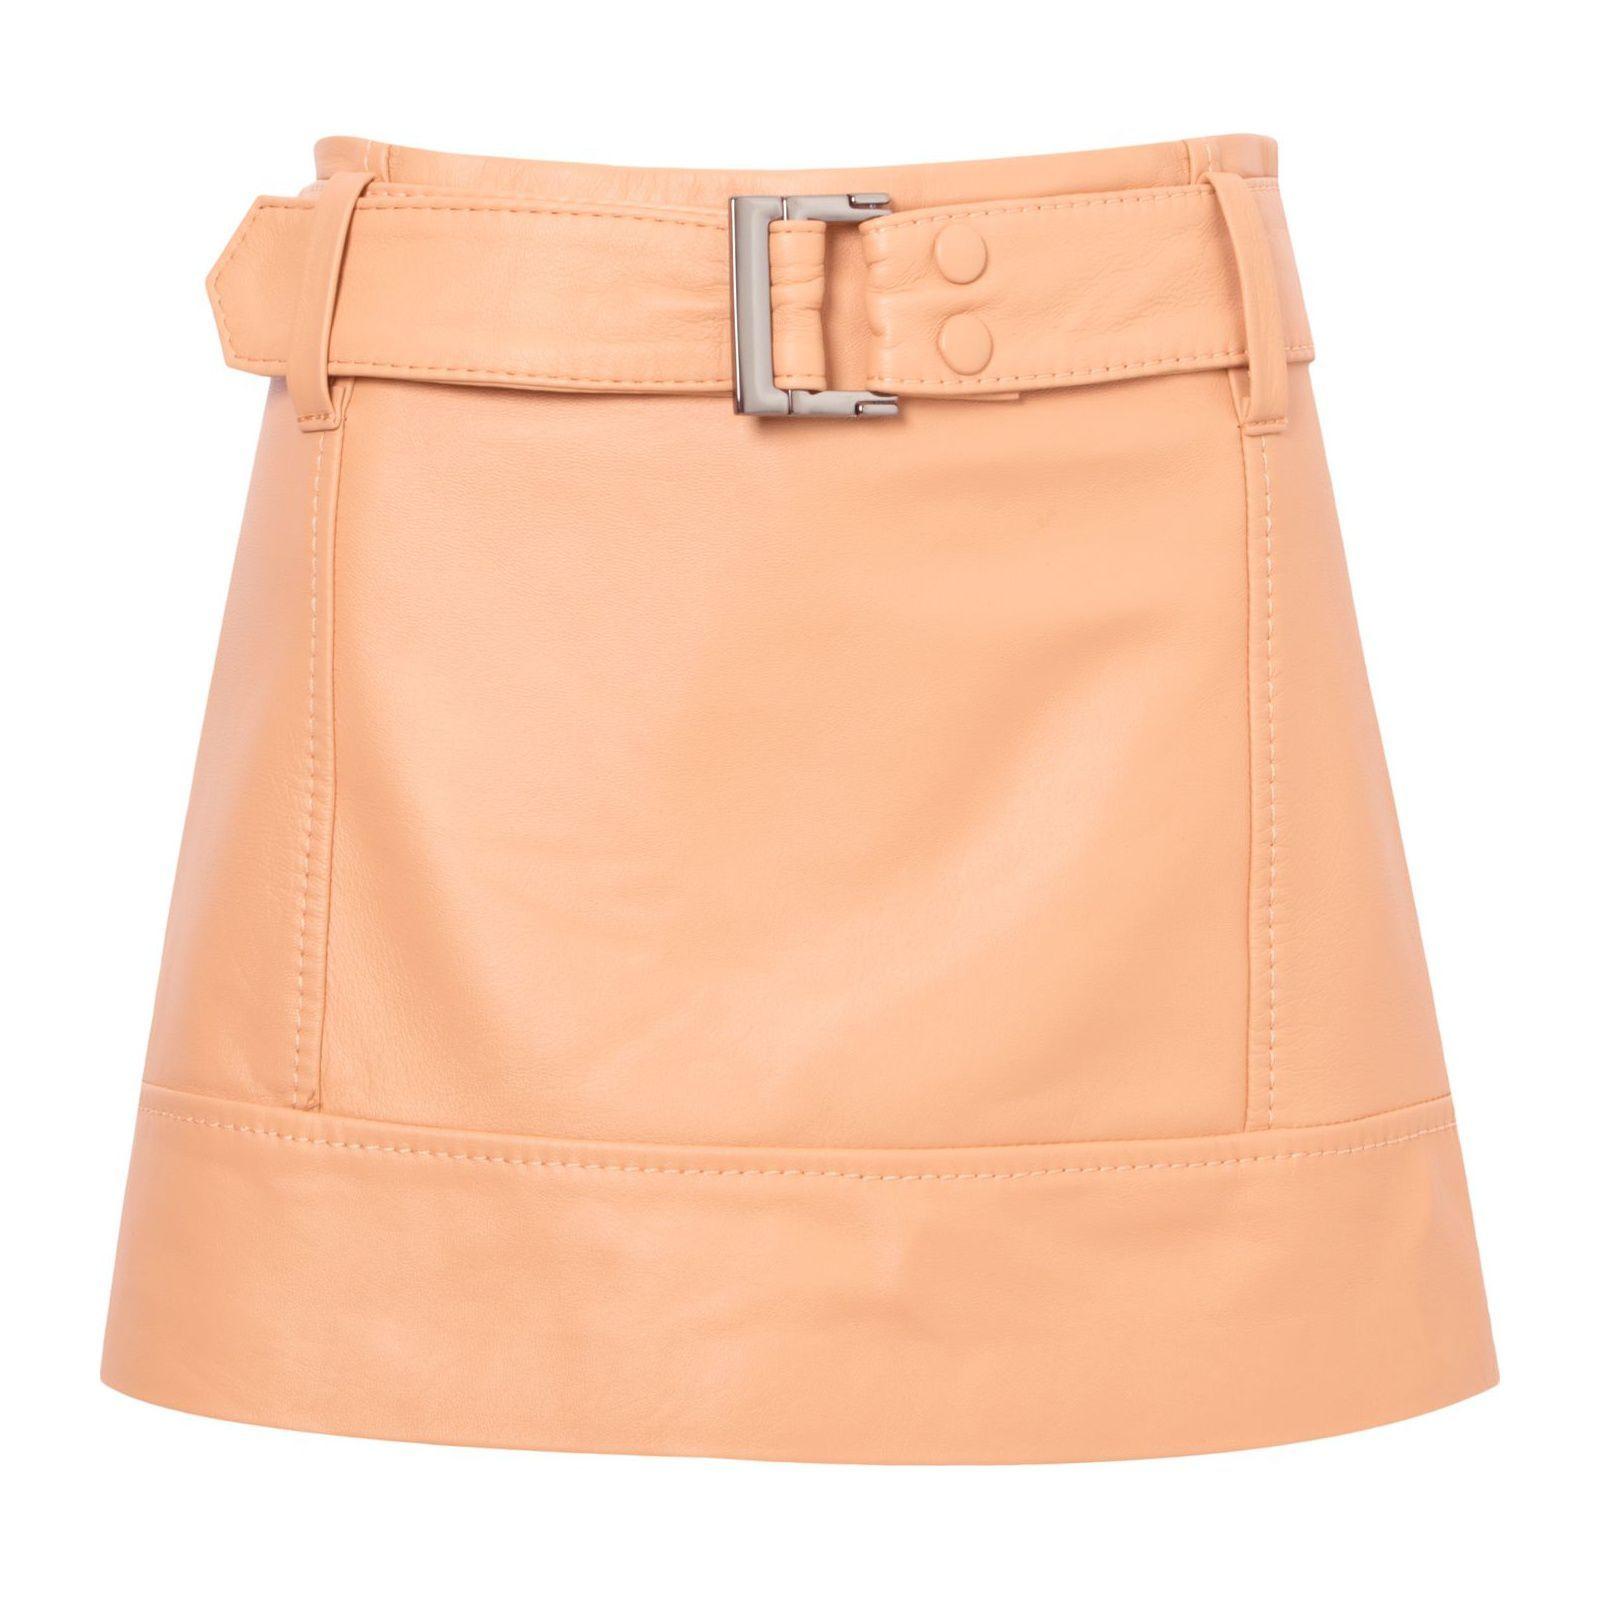 dee9071fcb O short saia supercute se renova em couro. Com shape ajustado ao corpo